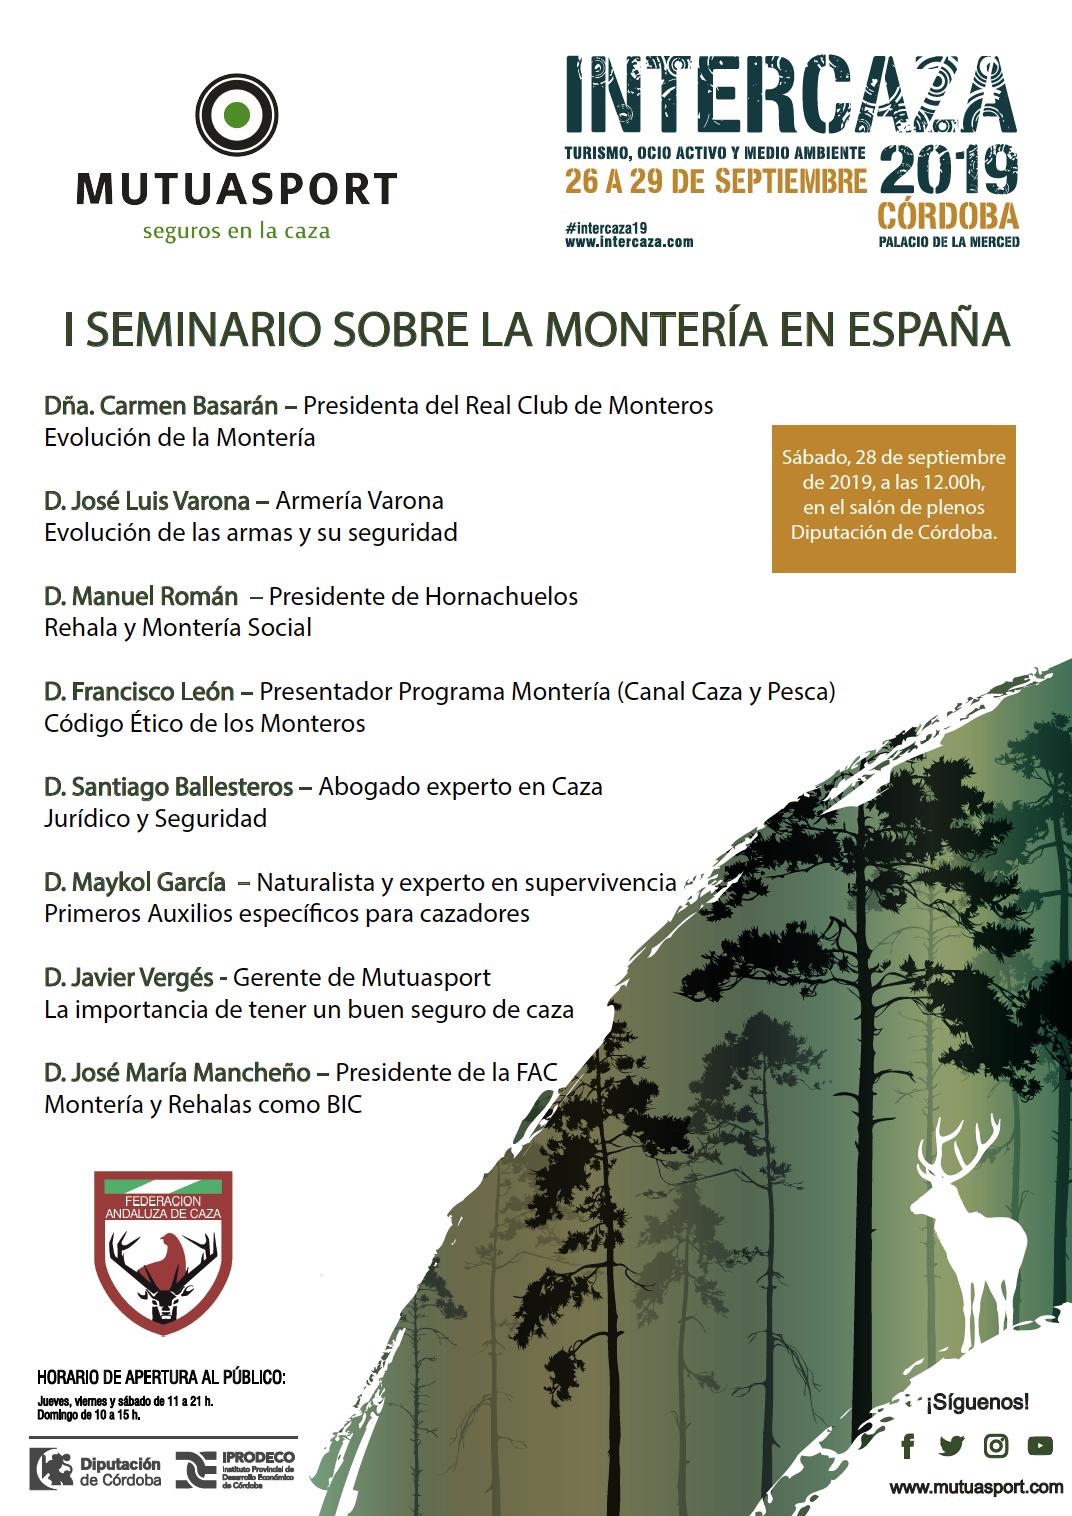 I seminario sobre la Montería en España organizado por la FAC y Mutuasport en Intercaza 2019